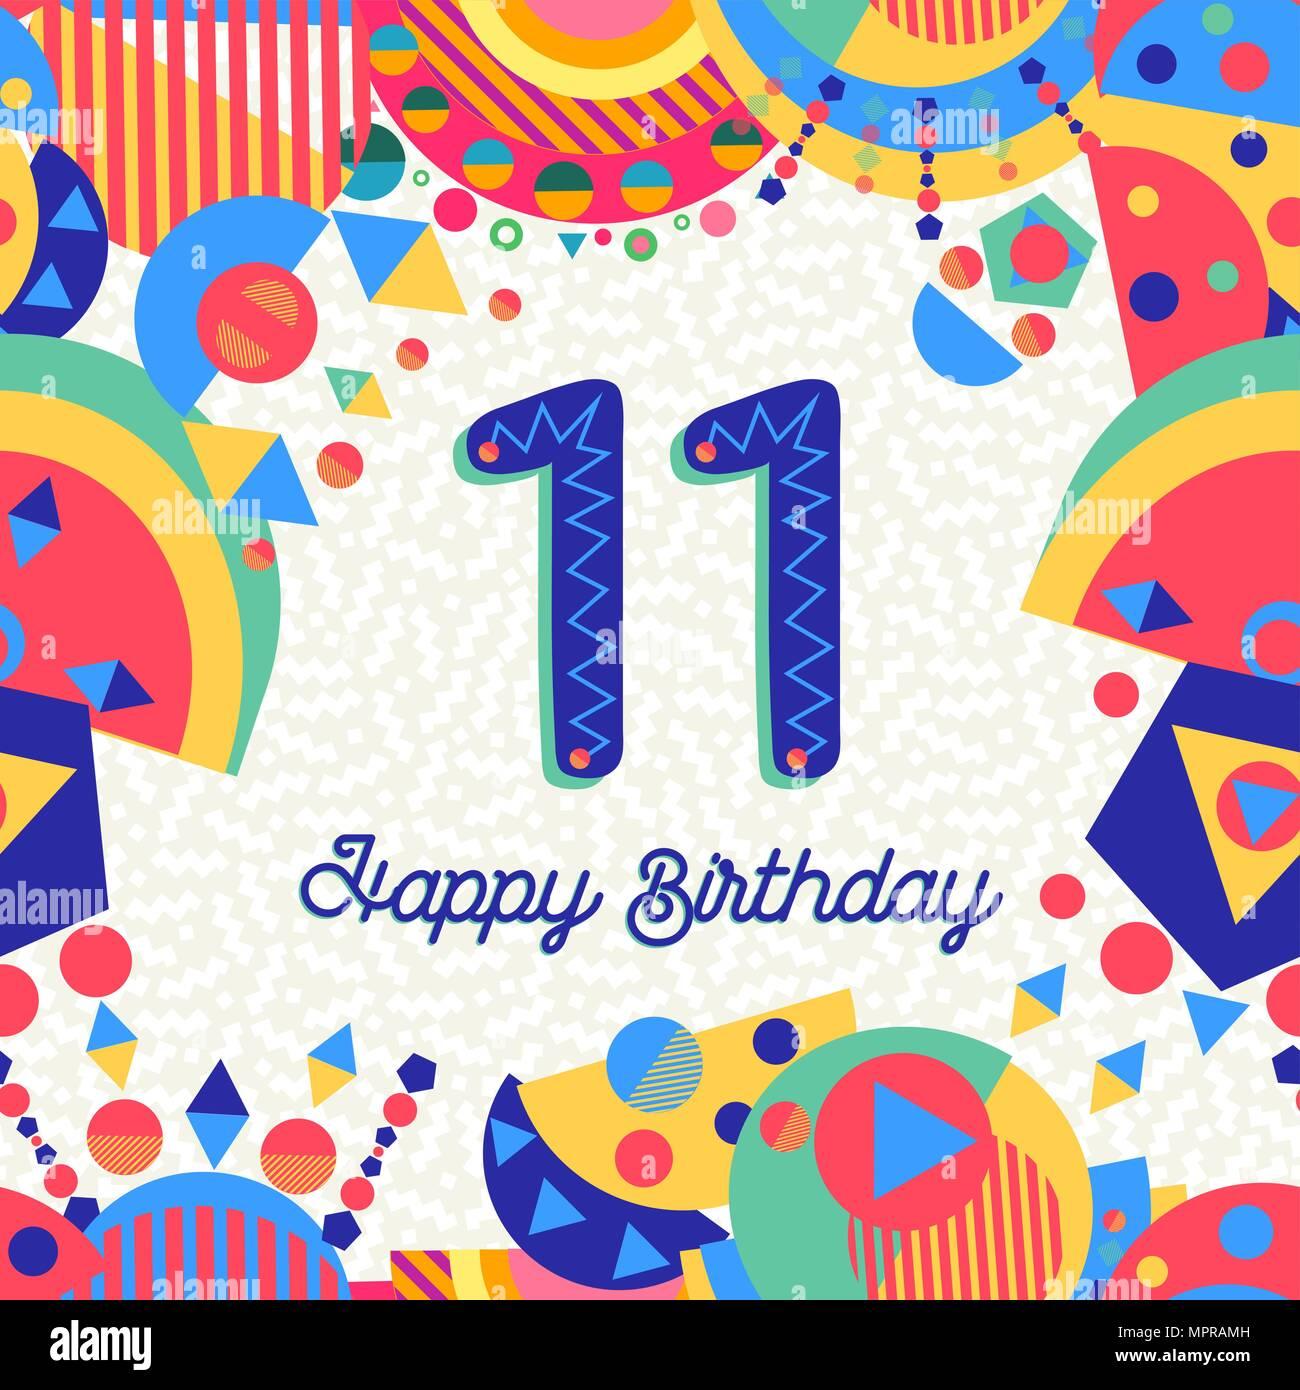 https www alamyimages fr joyeux anniversaire 11 ans 11 design amusant avec etiquette de texte nombre et une decoration coloree ideal pour les fetes d invitation ou carte de voeux vecteur eps10 image186139425 html